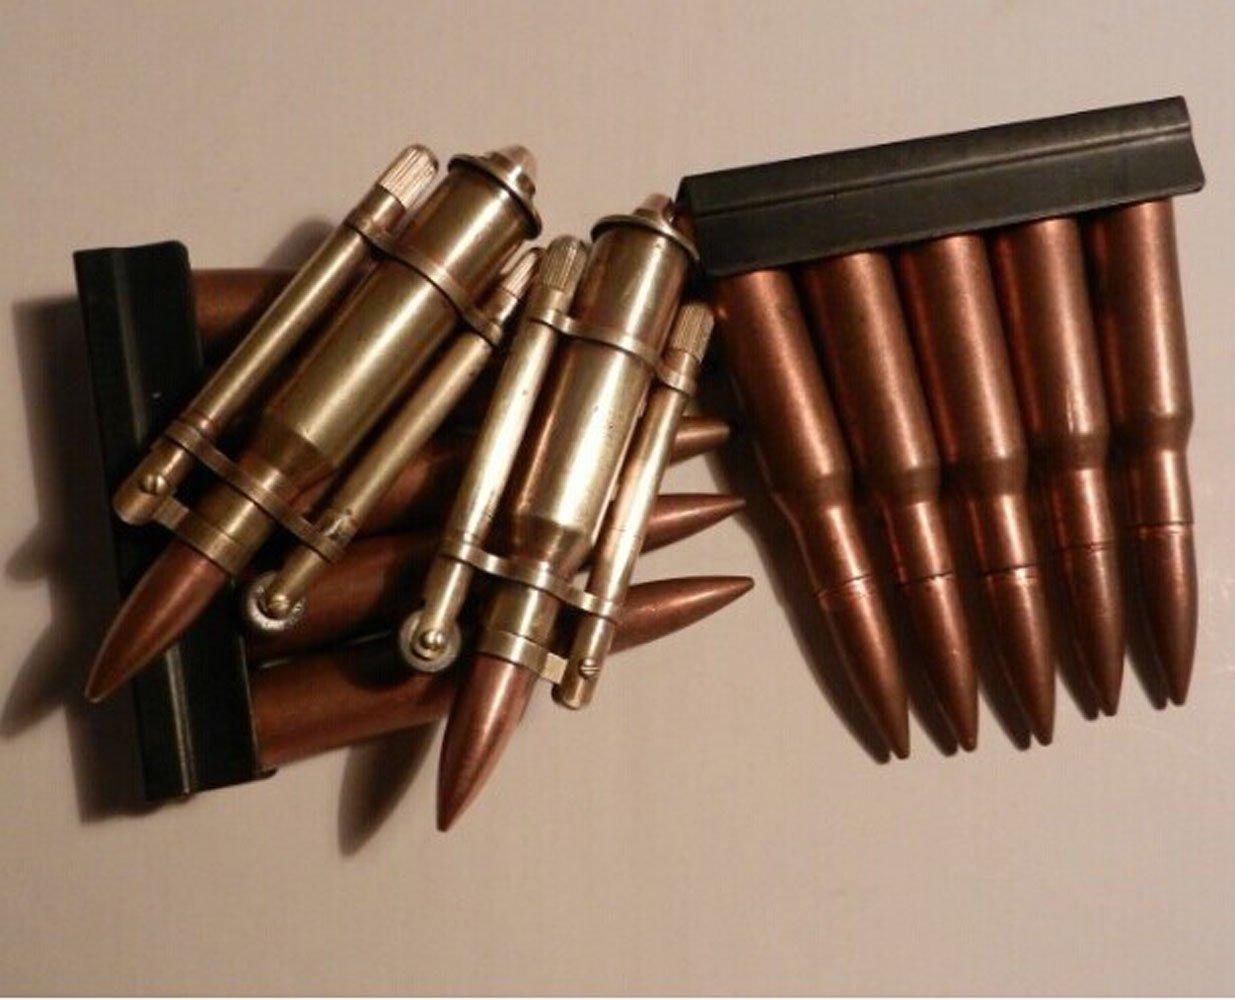 TELAM Handmade rifle bullets lighter kerosene Eyewear by TELAM (Image #3)